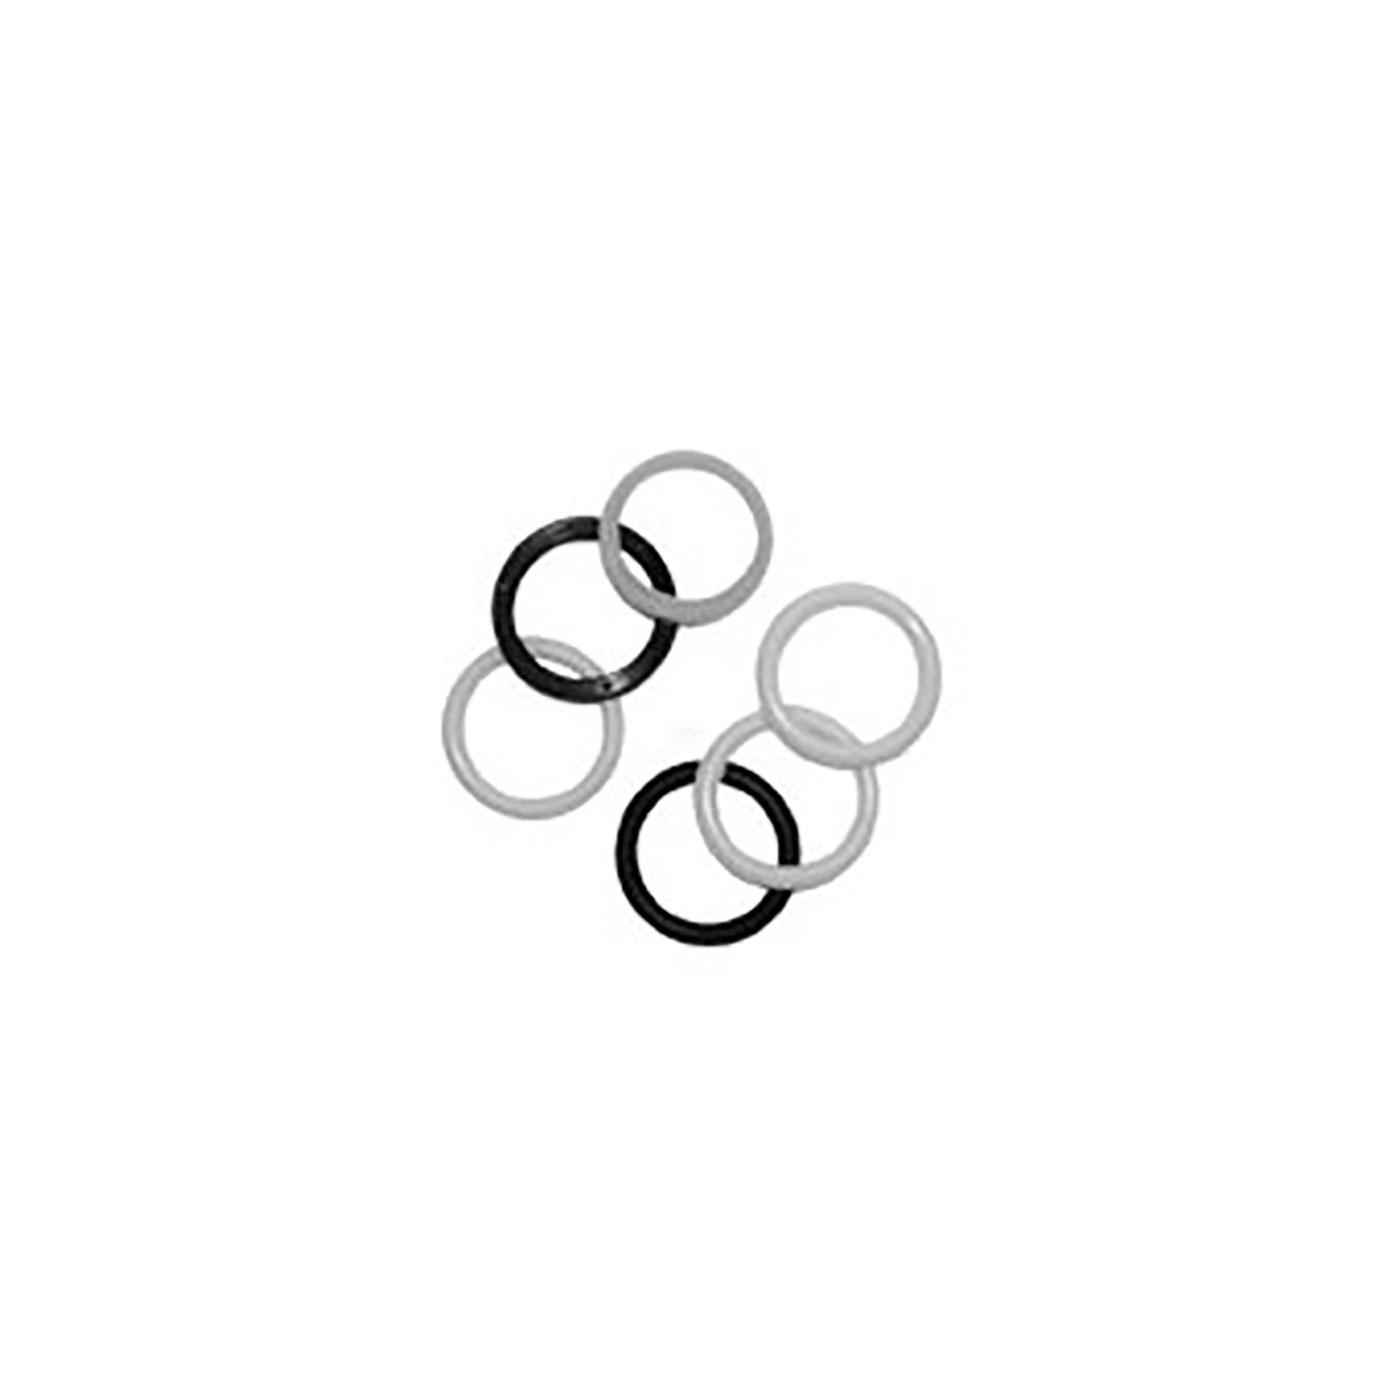 Seal Kit, 1-1/2